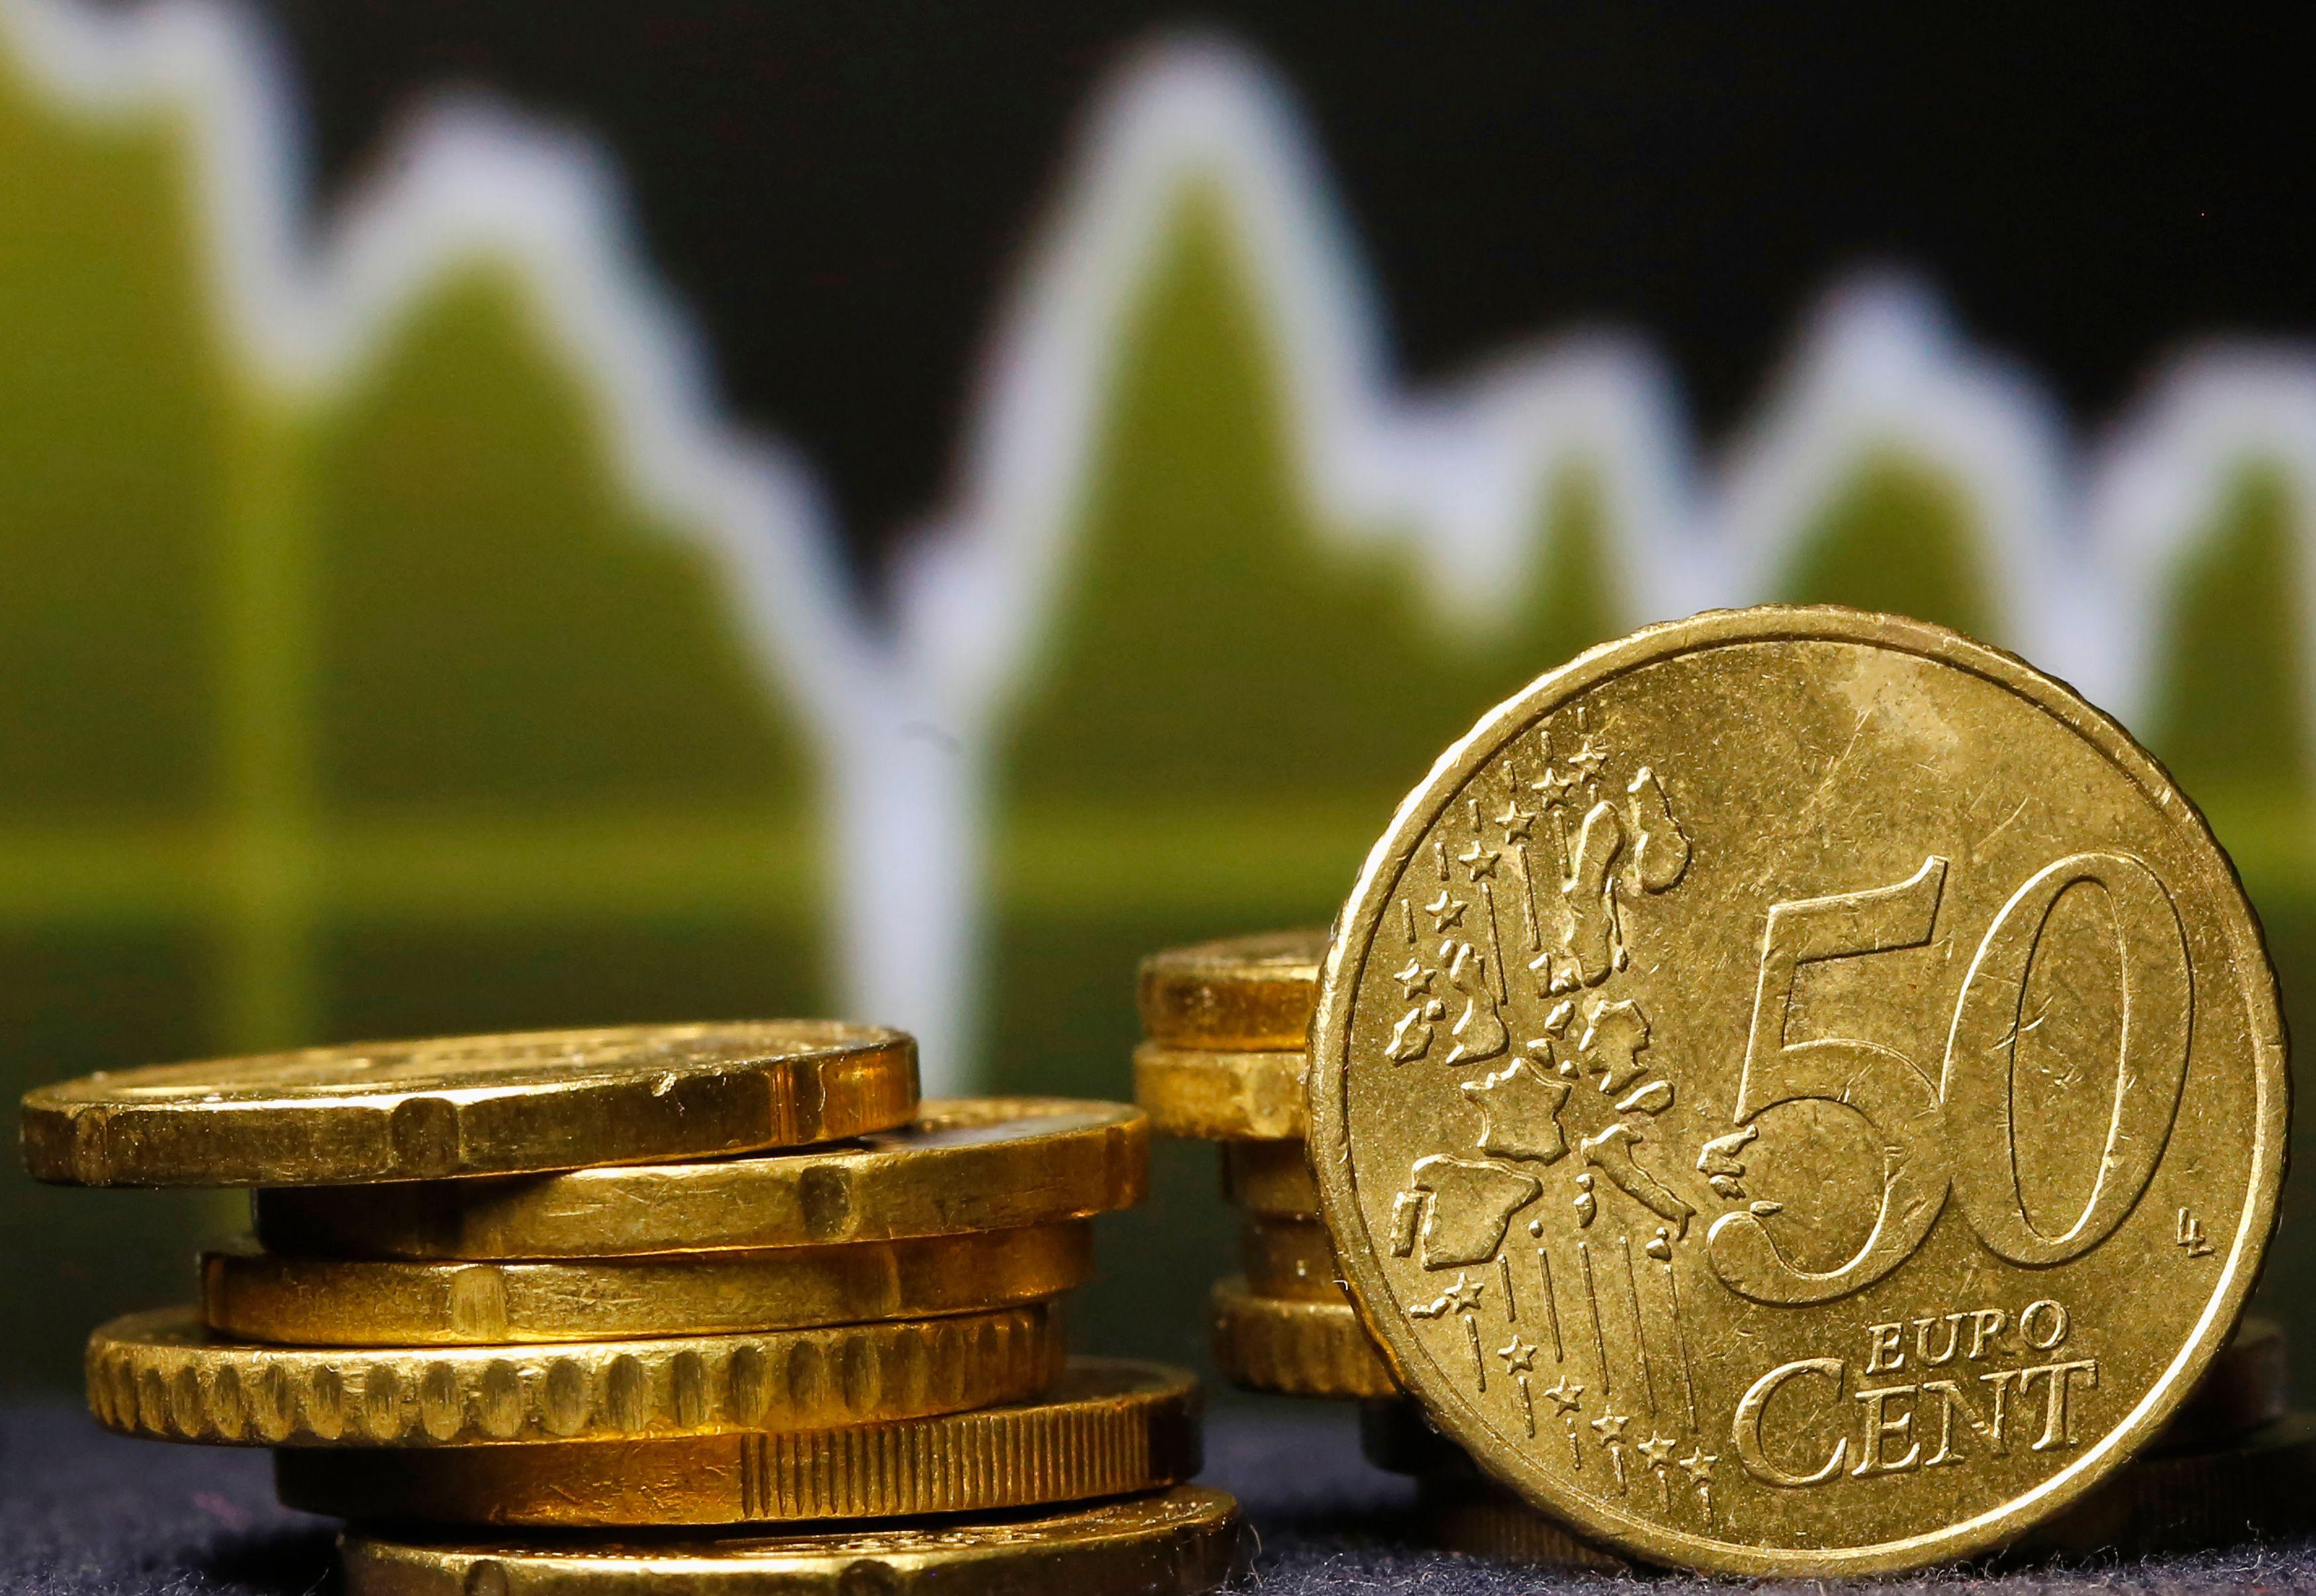 Croissance : la Banque de France table sur une hausse de 0,3 % pour le dernier trimestre de 2015